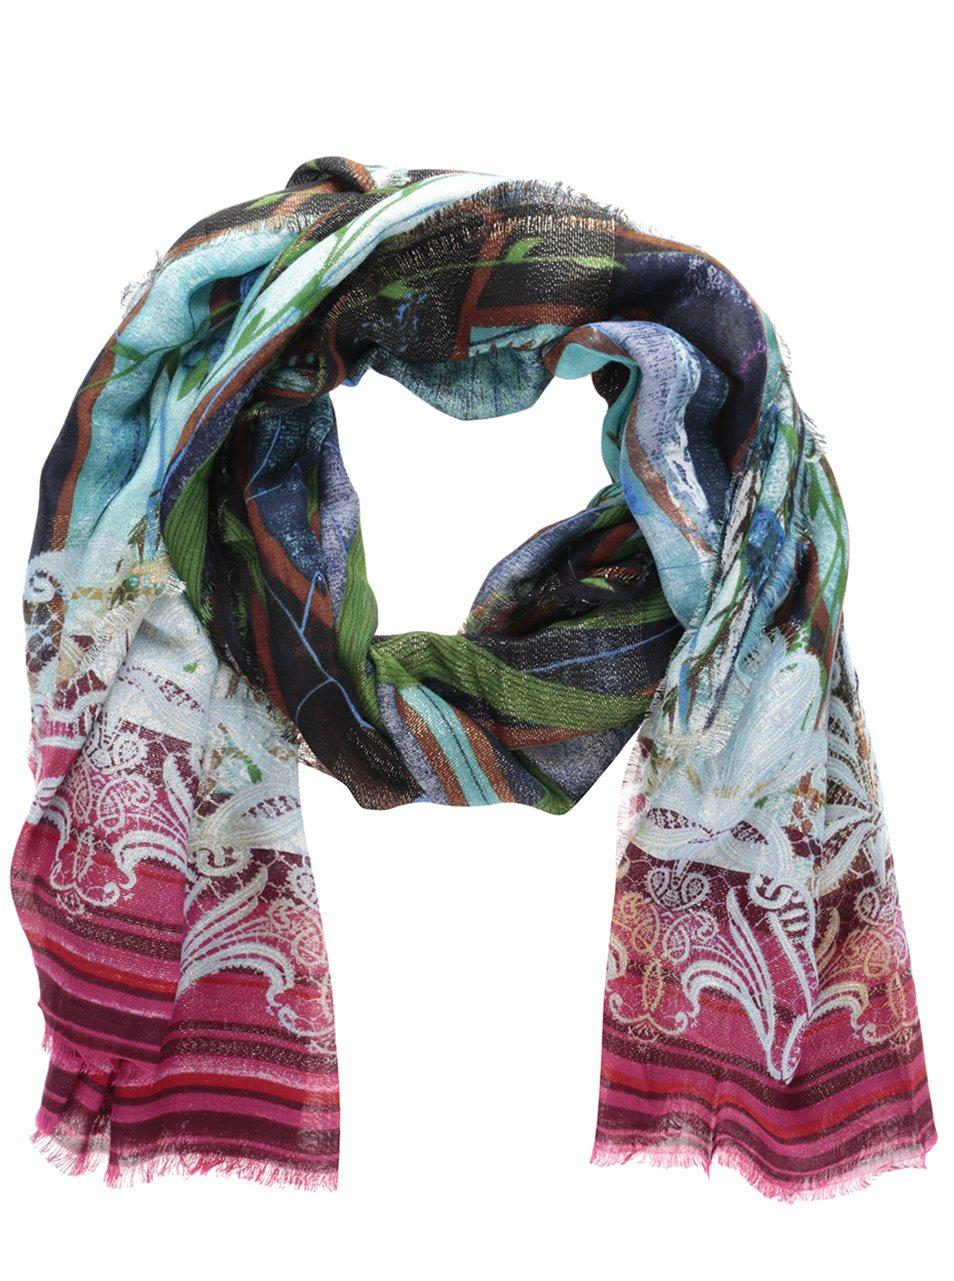 Růžovo-zelený vzorovaný šátek Desigual Sweet Forest